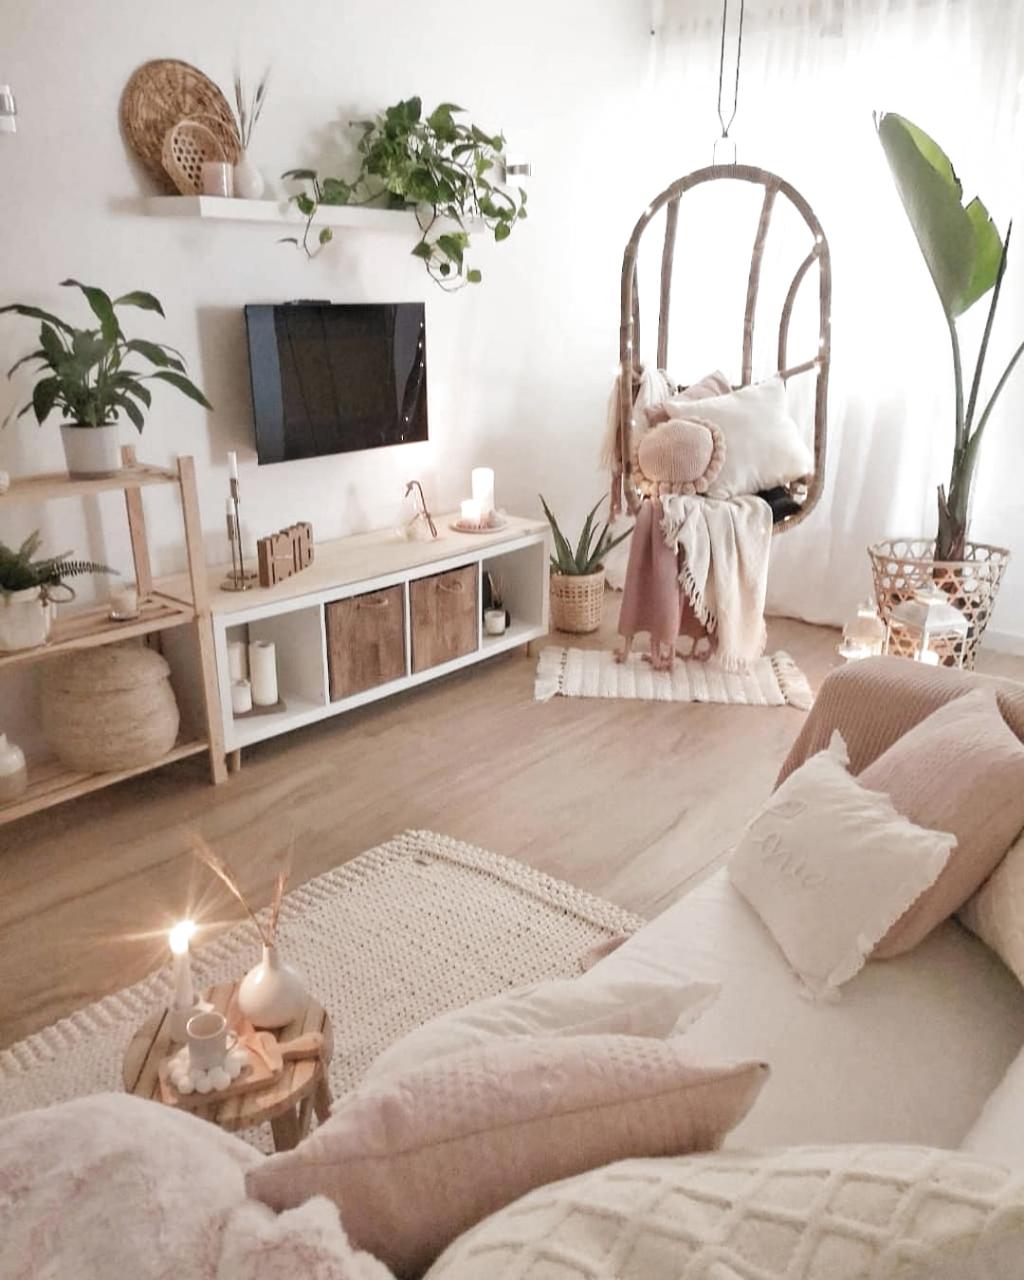 Epingle Sur Habitaciones Ideales